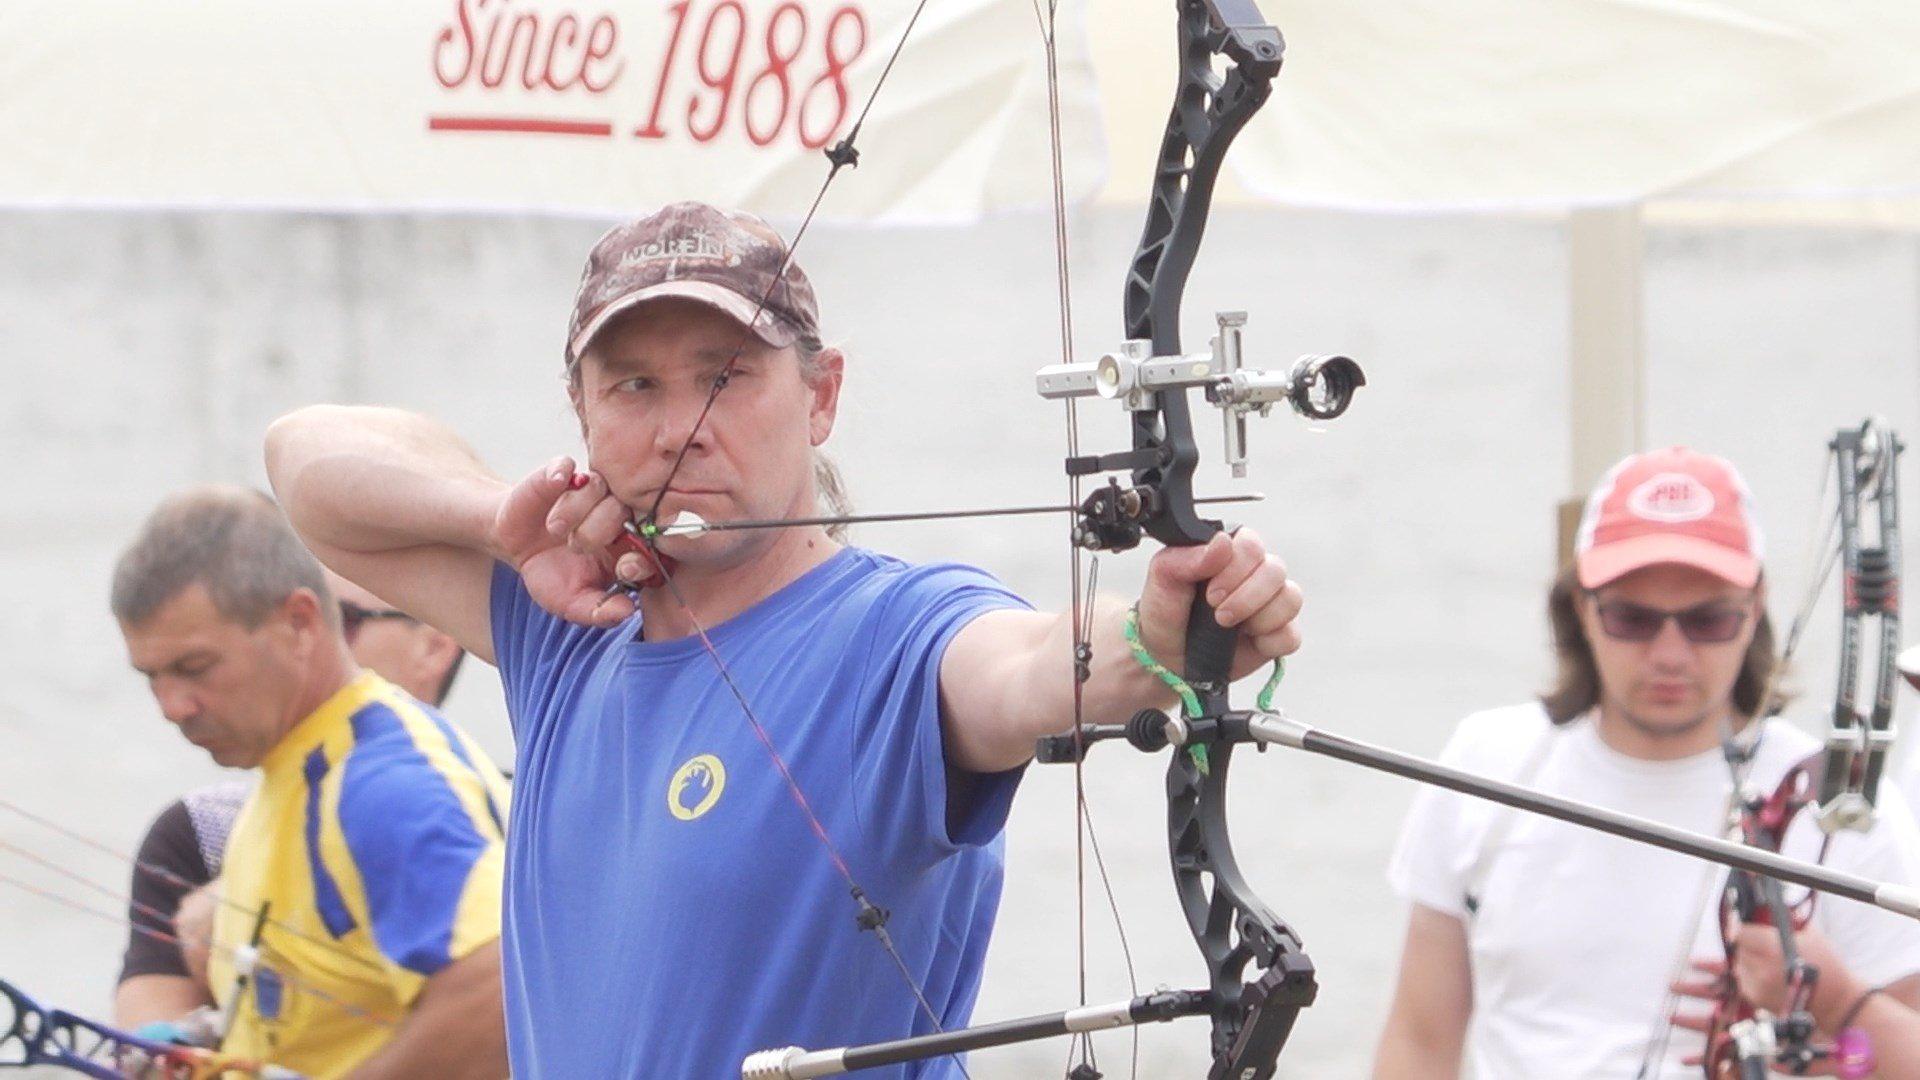 Харьковские лучники выиграли медали чемпионата Украины (фото)